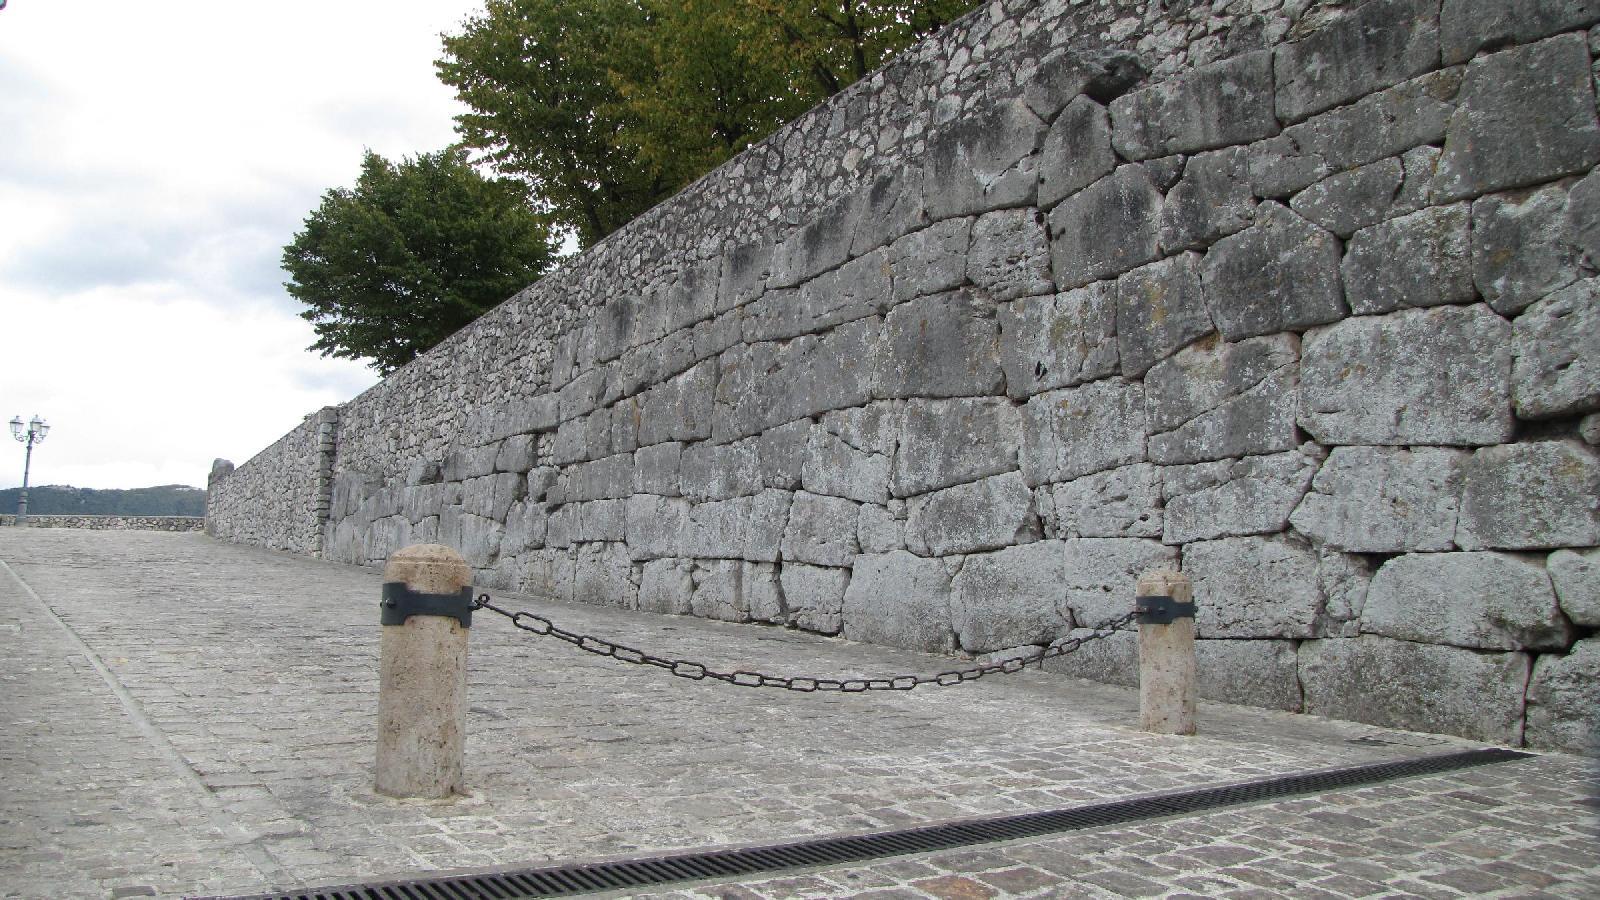 Mur cyclopéen - Et si le mystère n'en était pas un ?? 63068_6zyp279